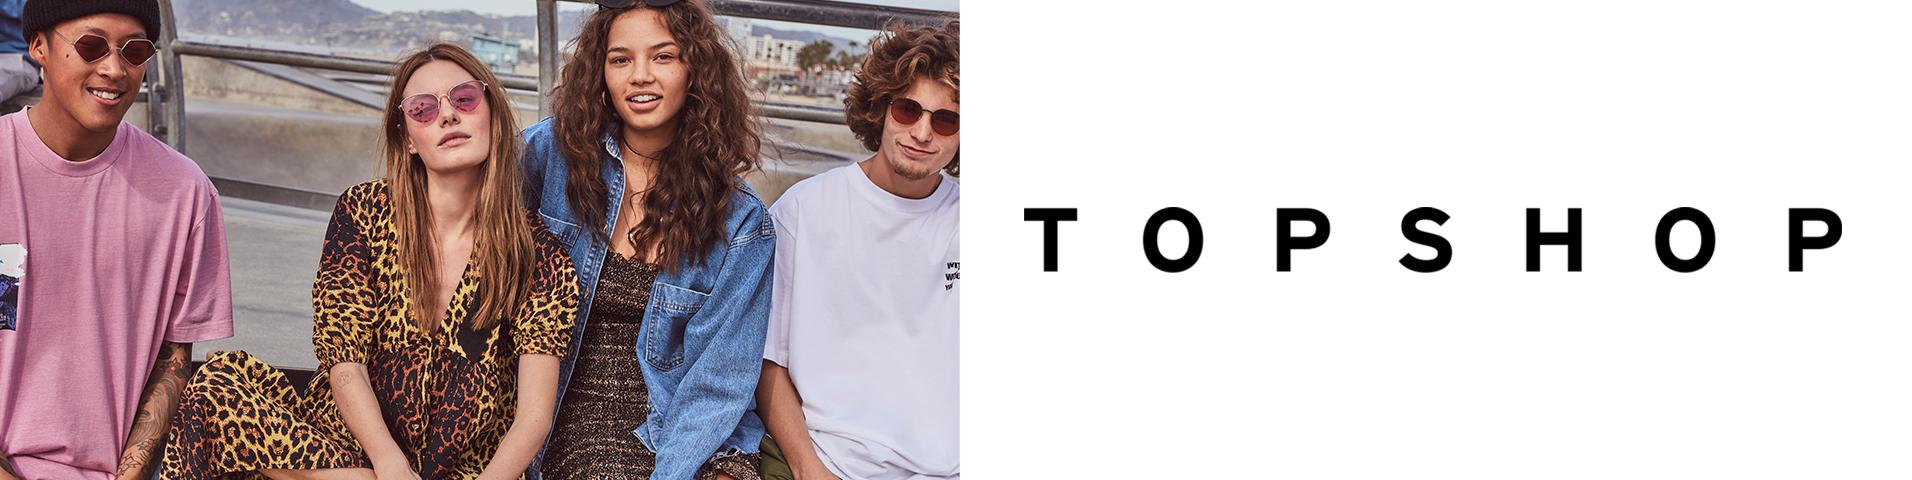 Topshop | La nuova collezione online su Zalando